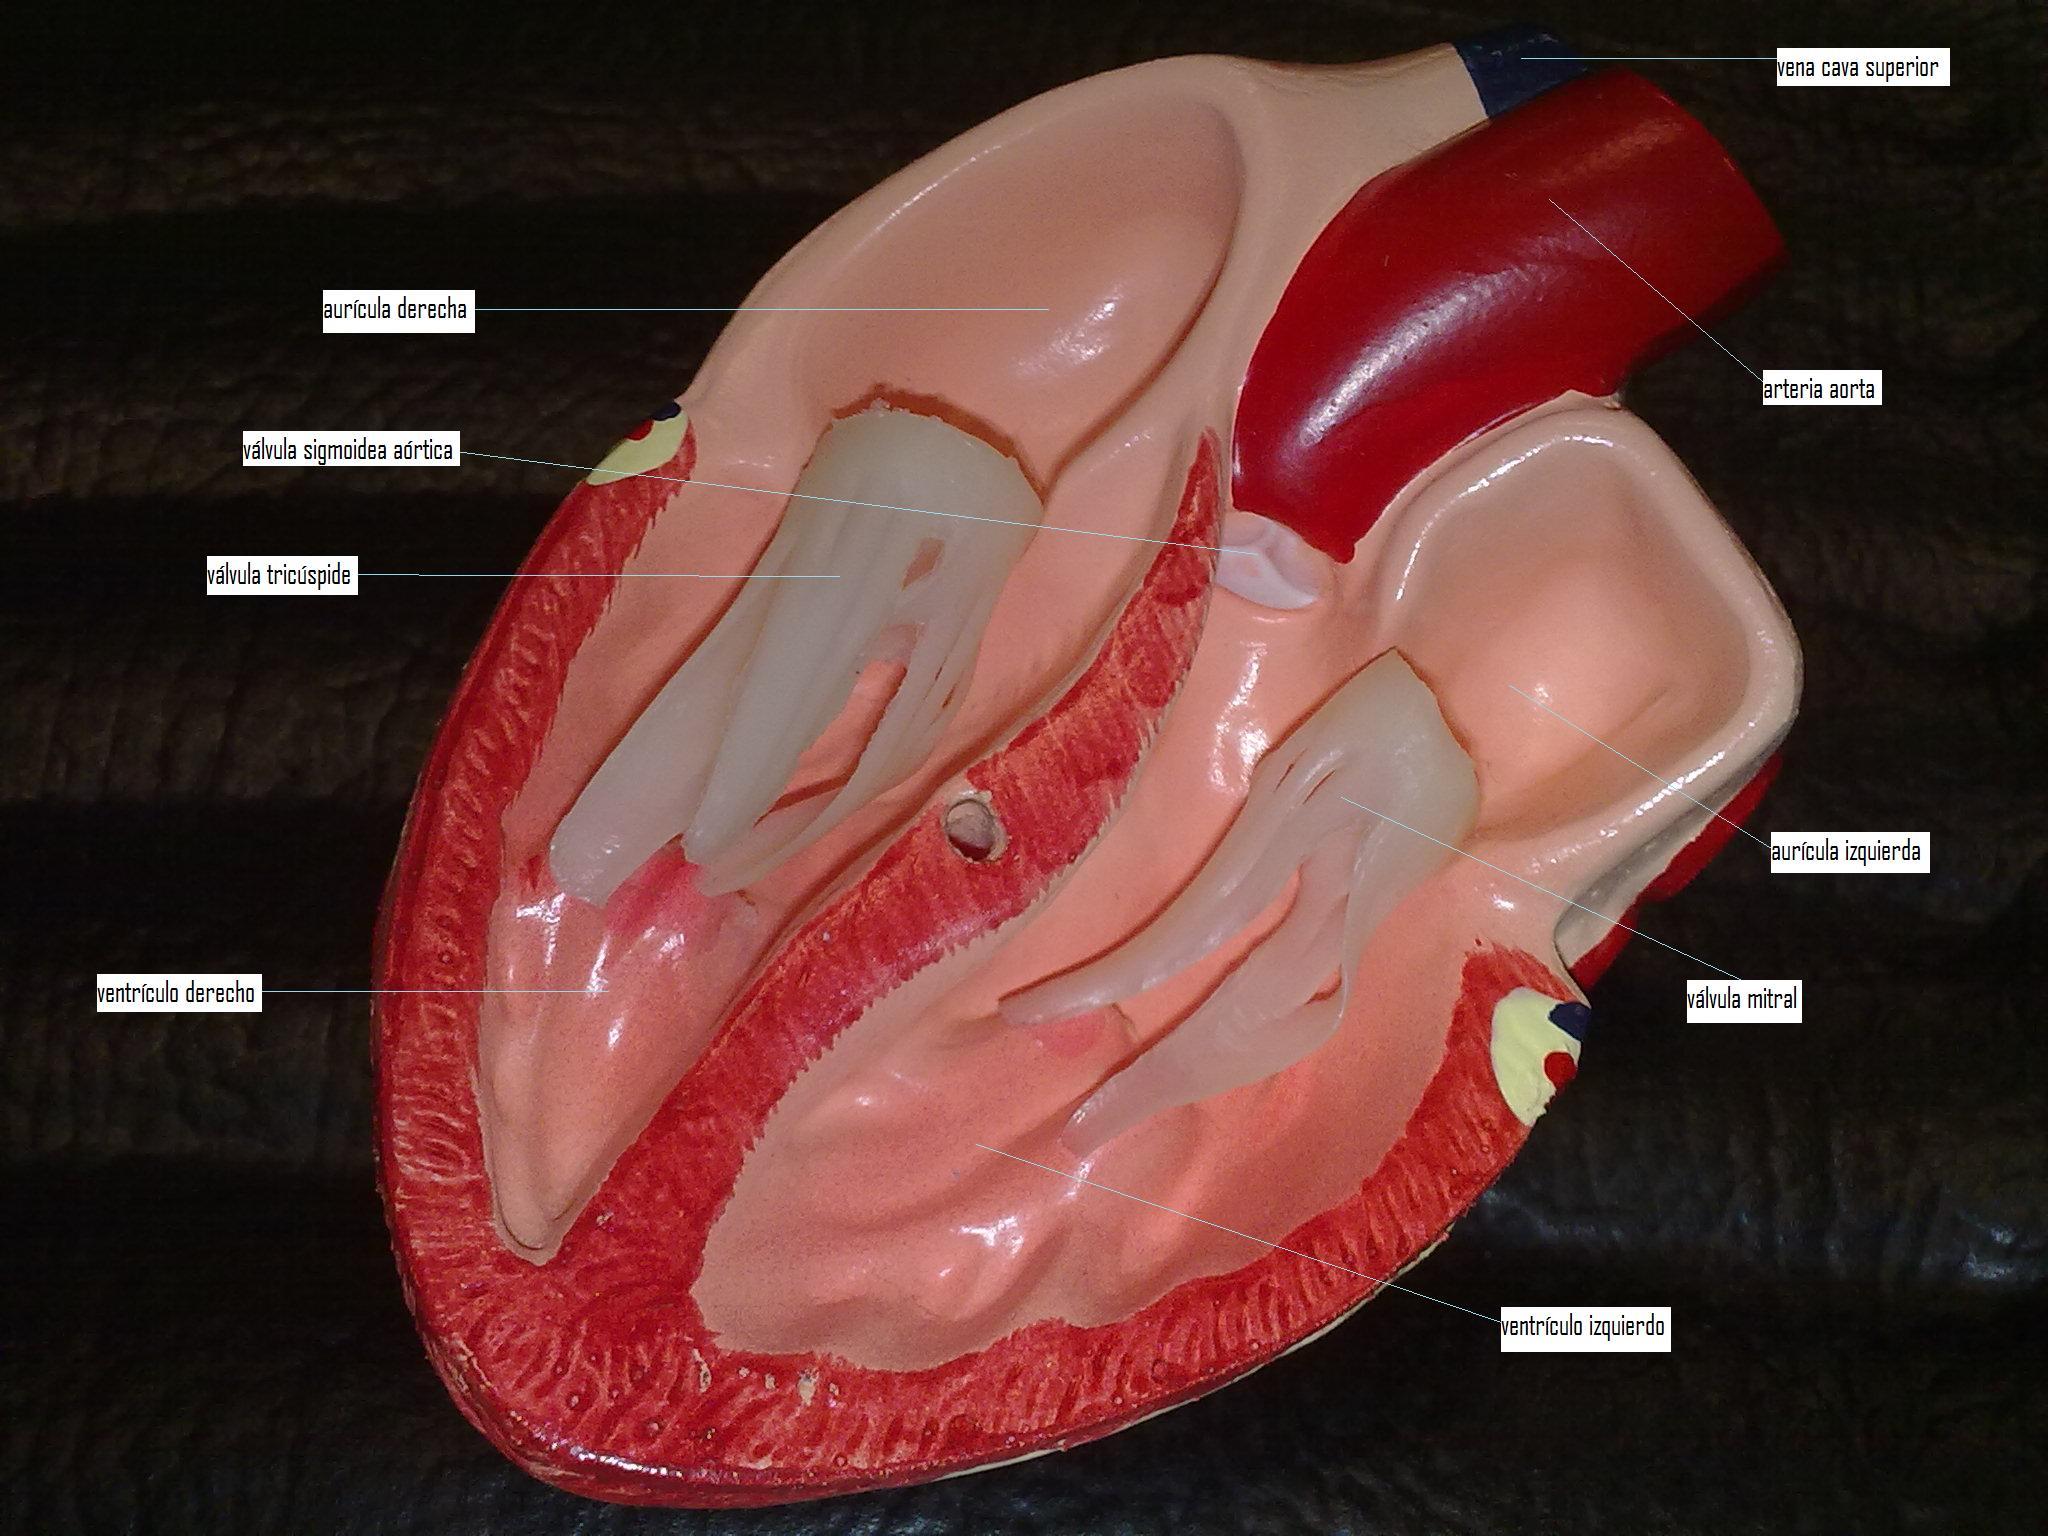 ¿como funciona el sistema circulatorio?